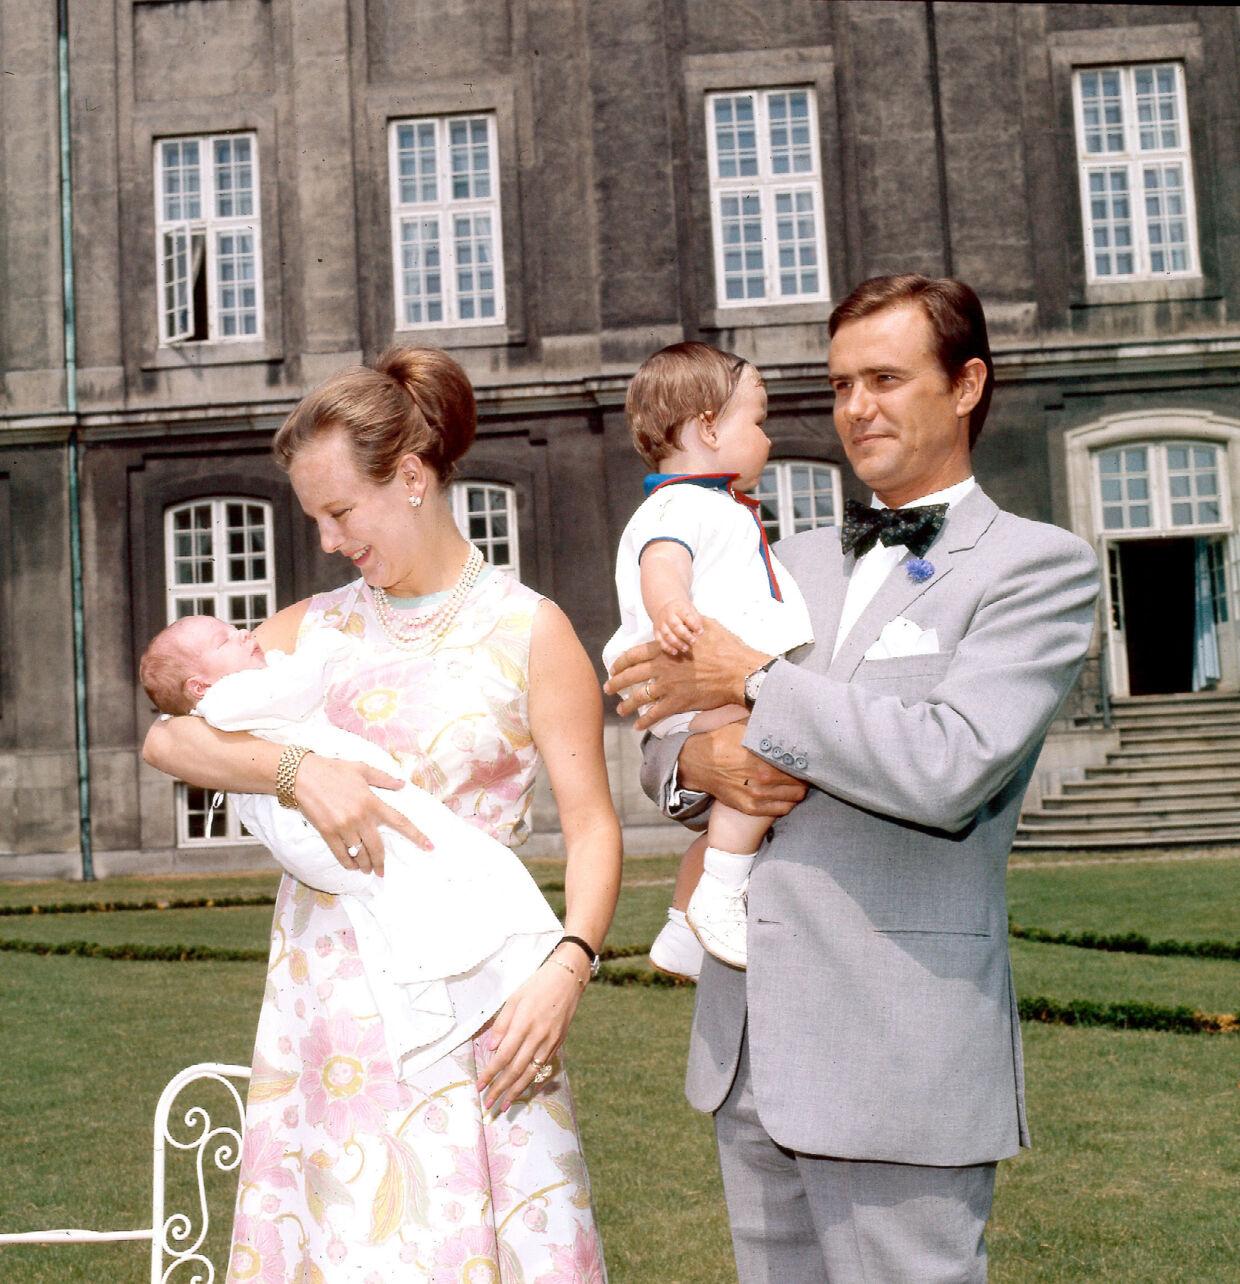 Solo dos años después de su boda se encontraba el trono, la princesa Margrethe y el príncipe Henrik con dos niños pequeños en sus brazos.